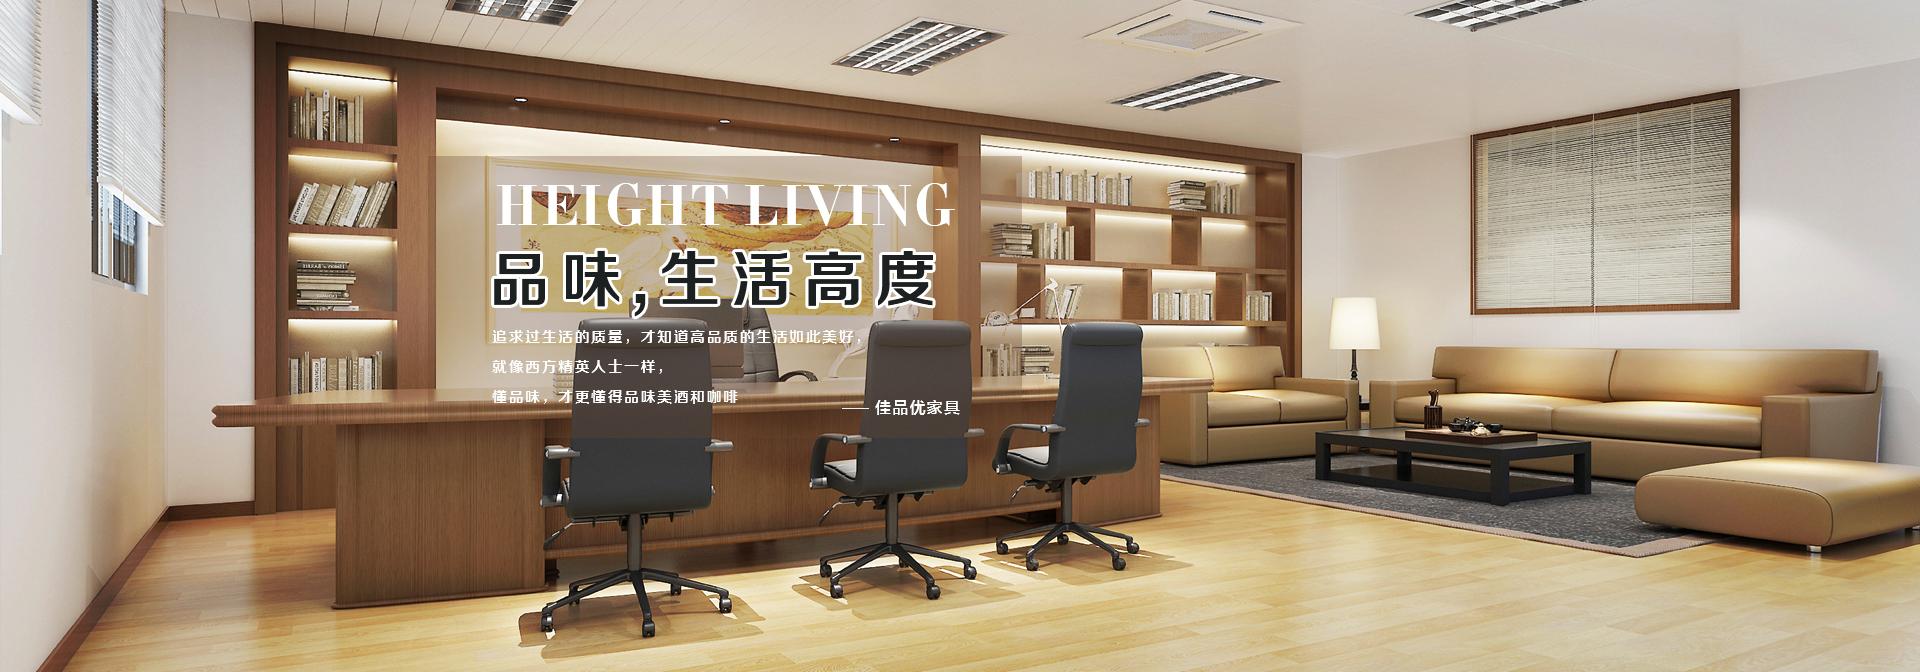 廣西辦公家具